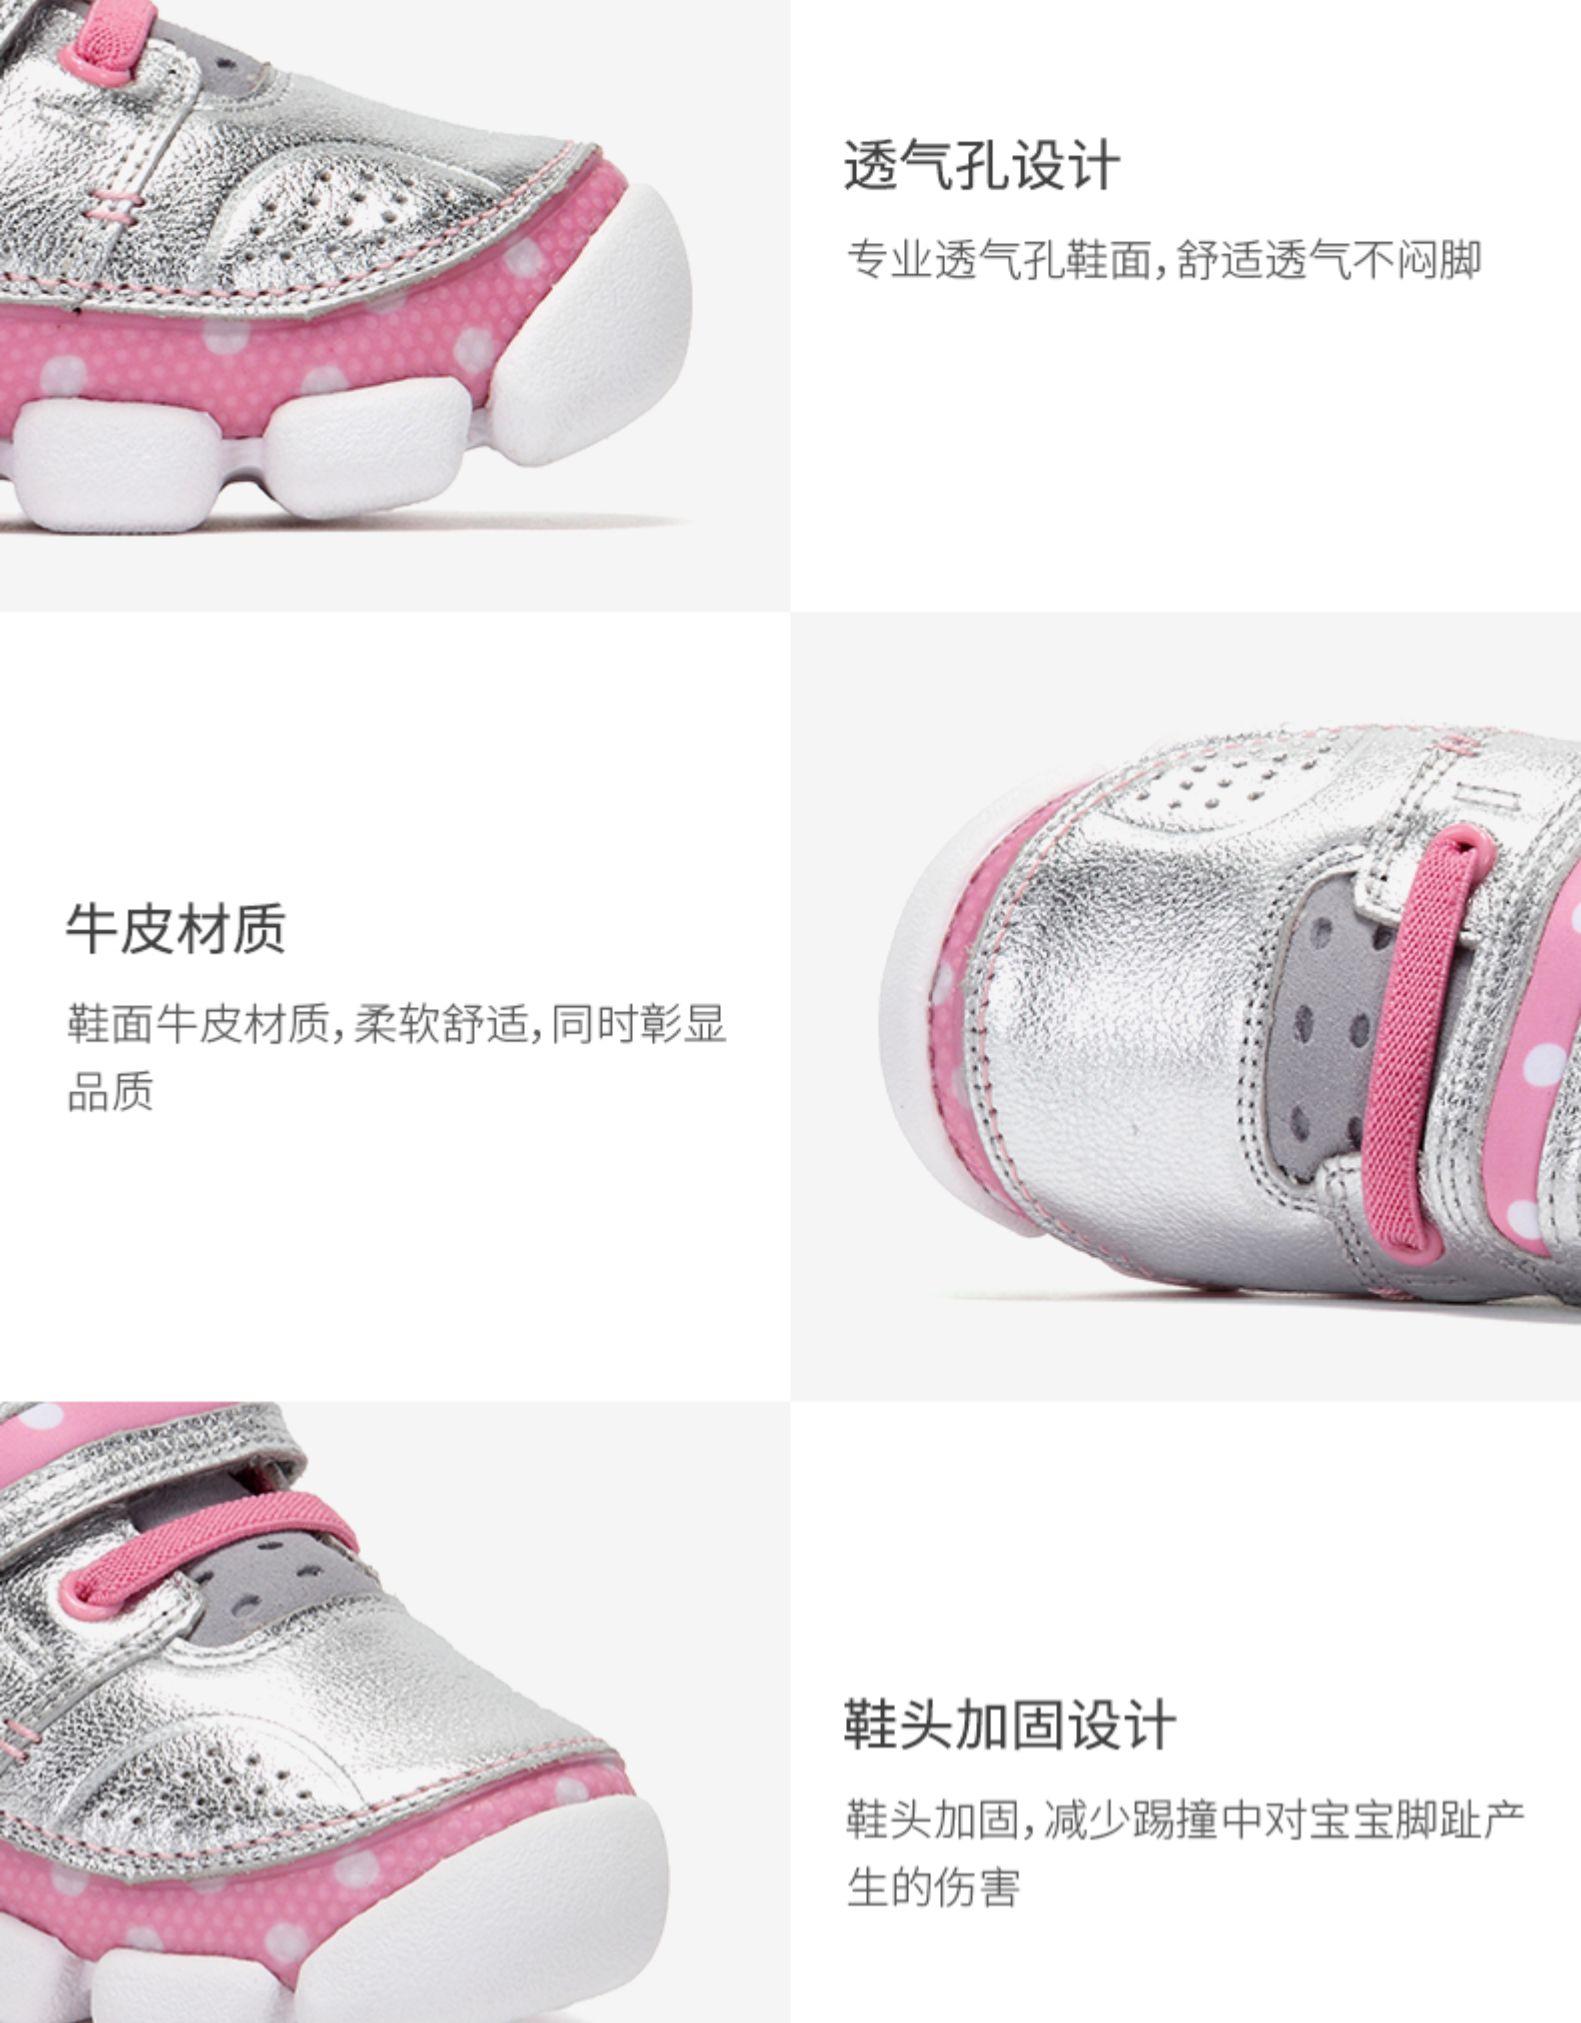 其乐童鞋岁舒适透气糖糖龙男女学生休閒超轻运动鞋皮鞋详细照片